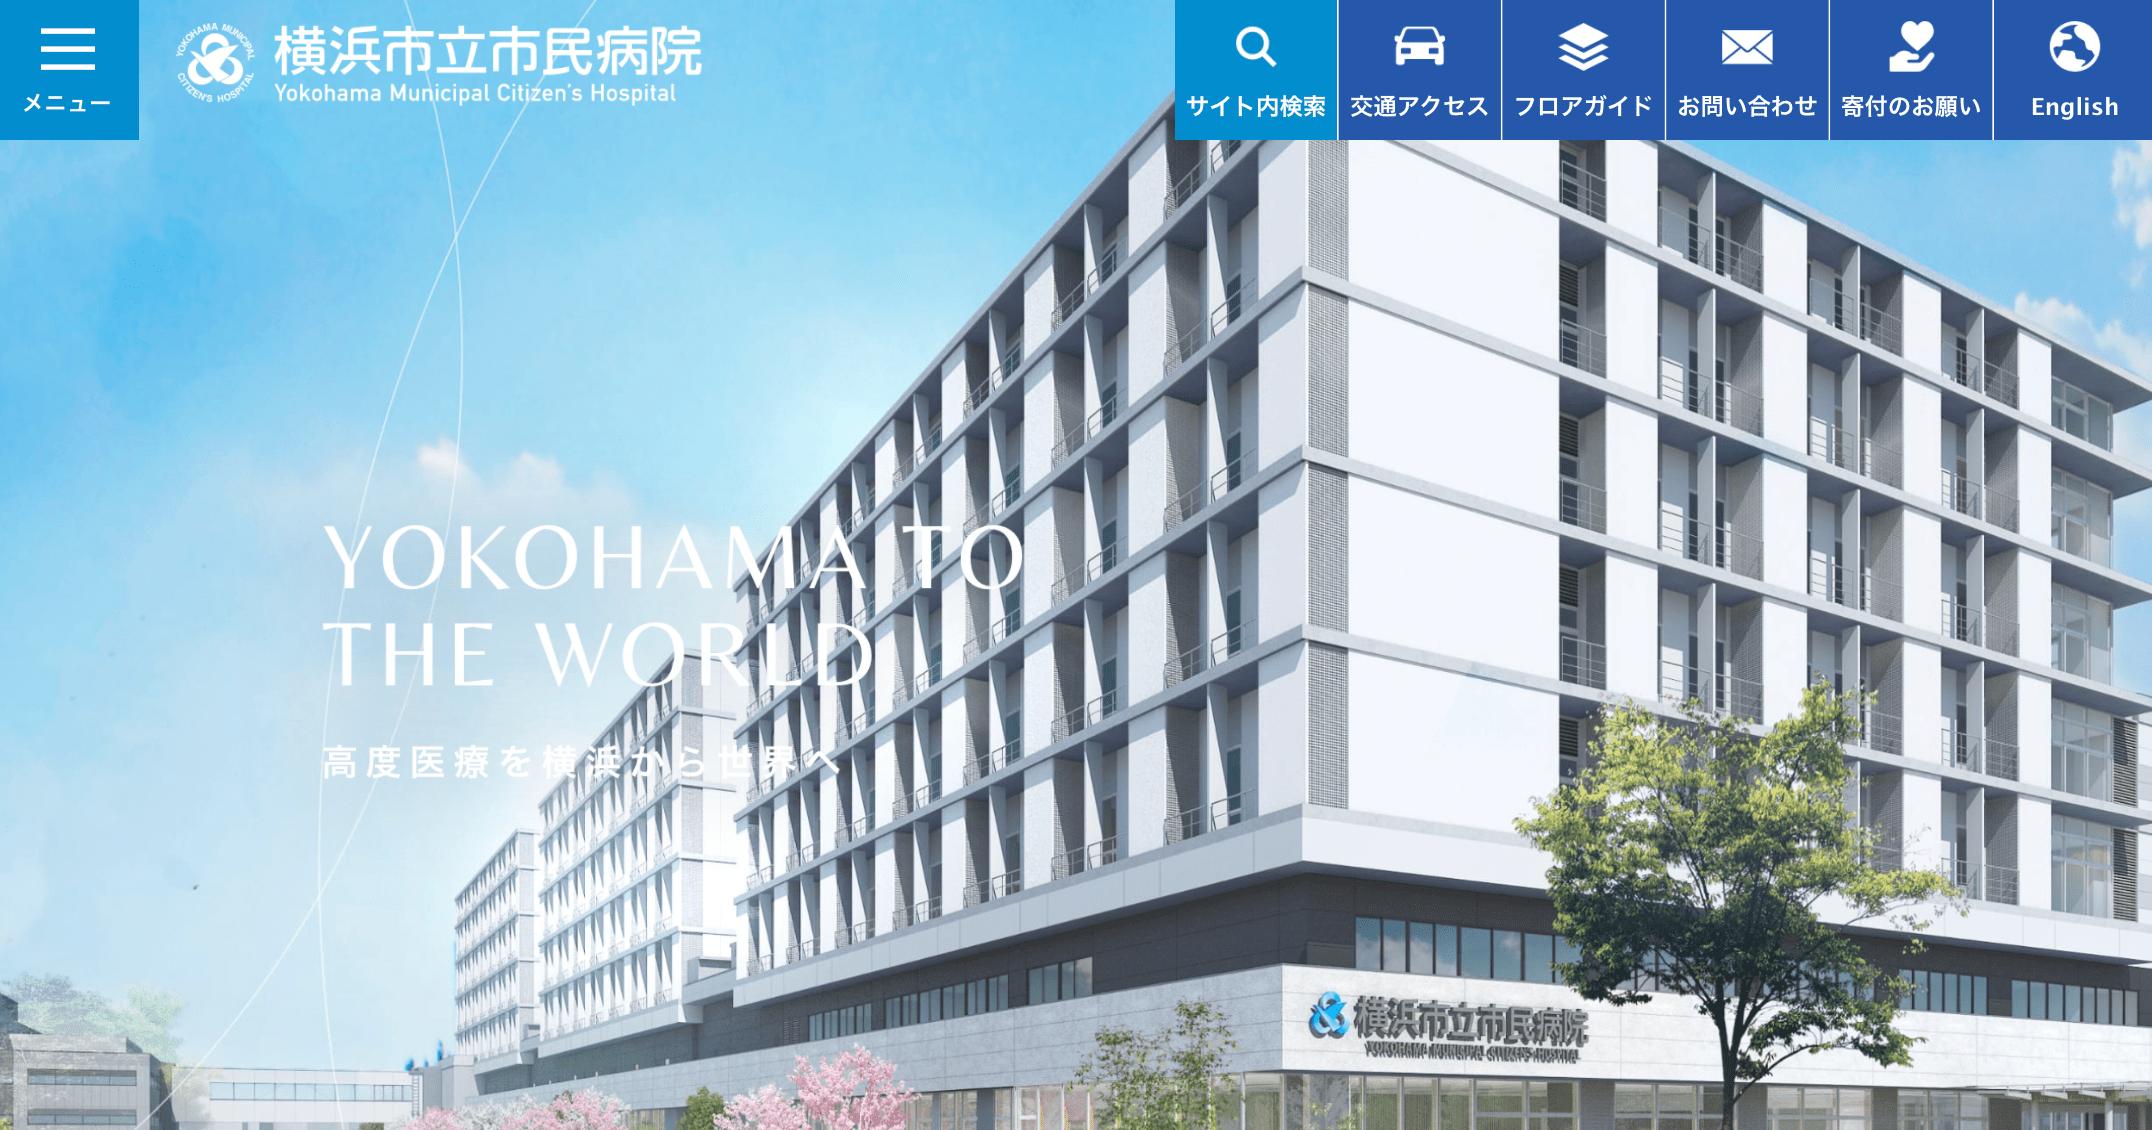 病院 横浜 市民